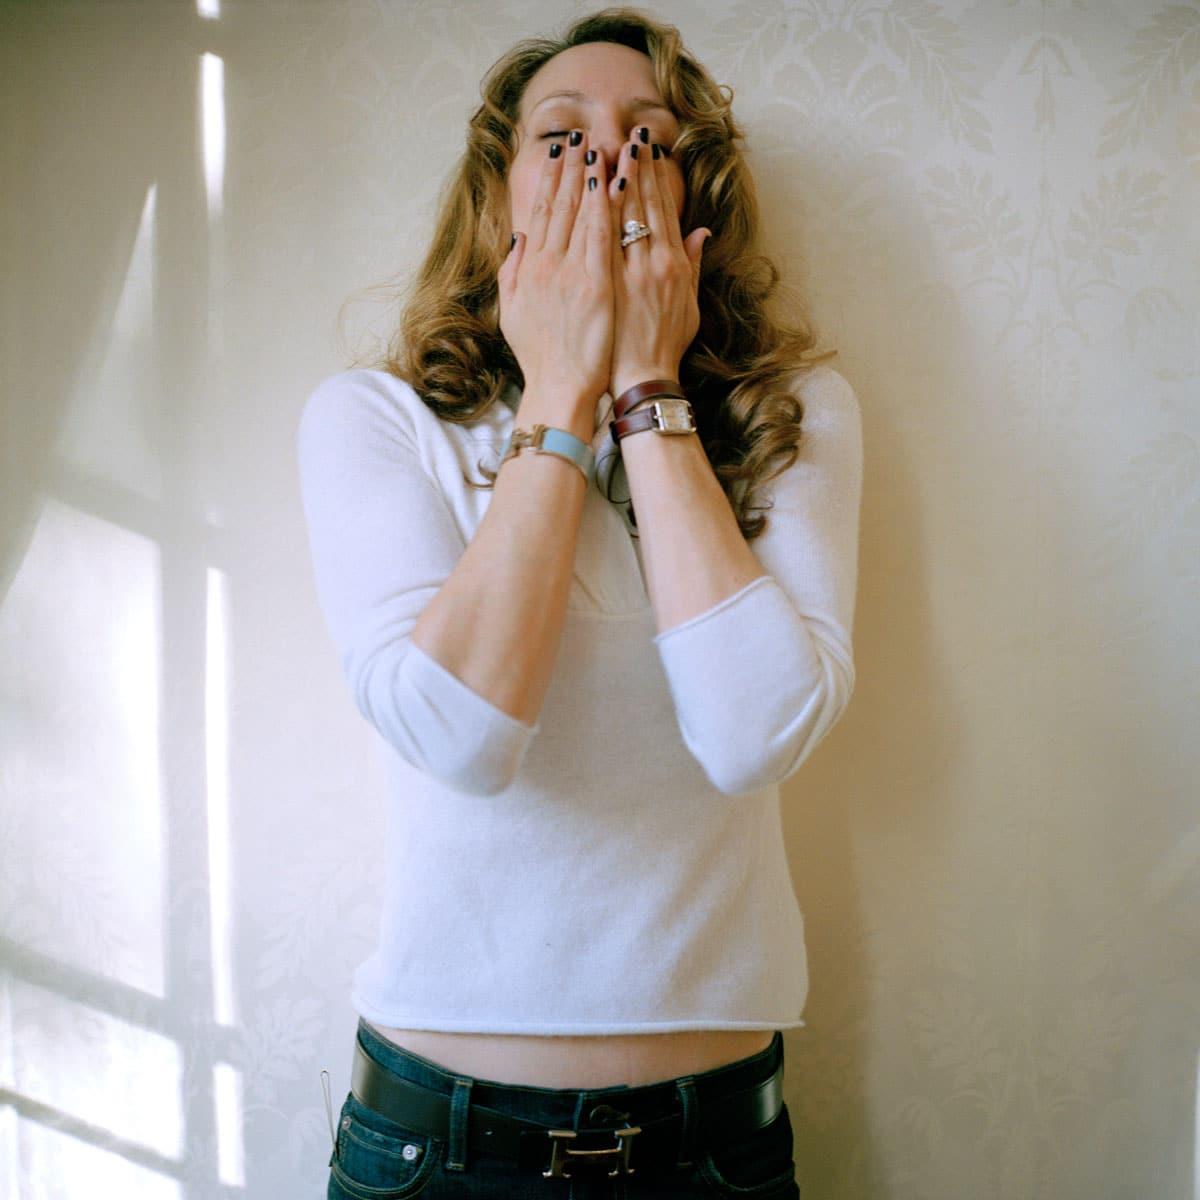 Marisha Pessl - schrijfster van 'Special Topics in Calamity Physics' PHOTO AND COPYRIGHT ROGER CREMERS